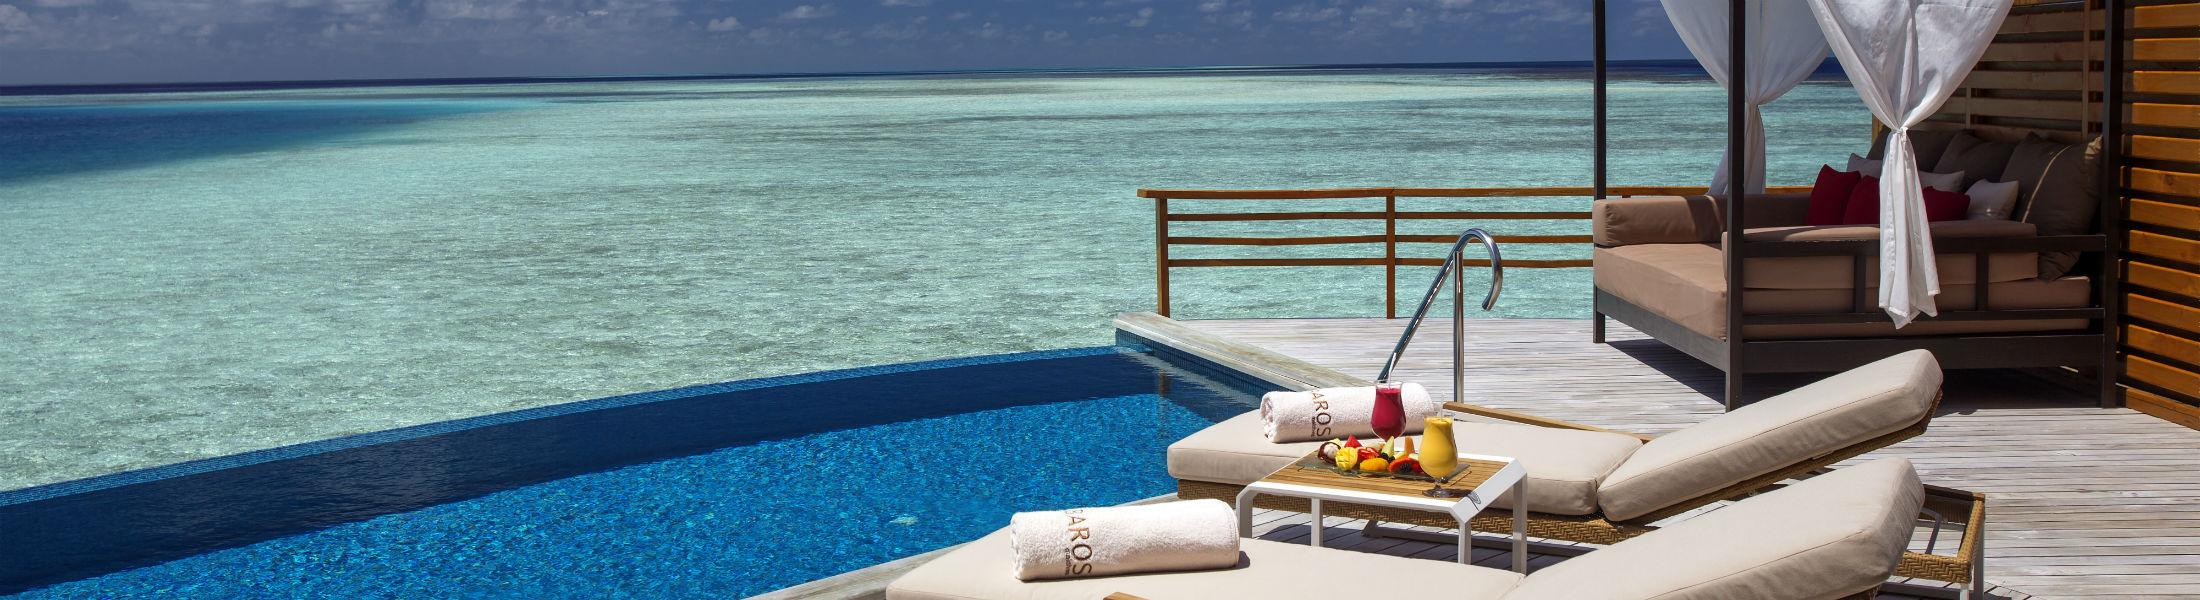 Water Pool Villa at the Baros Maldives